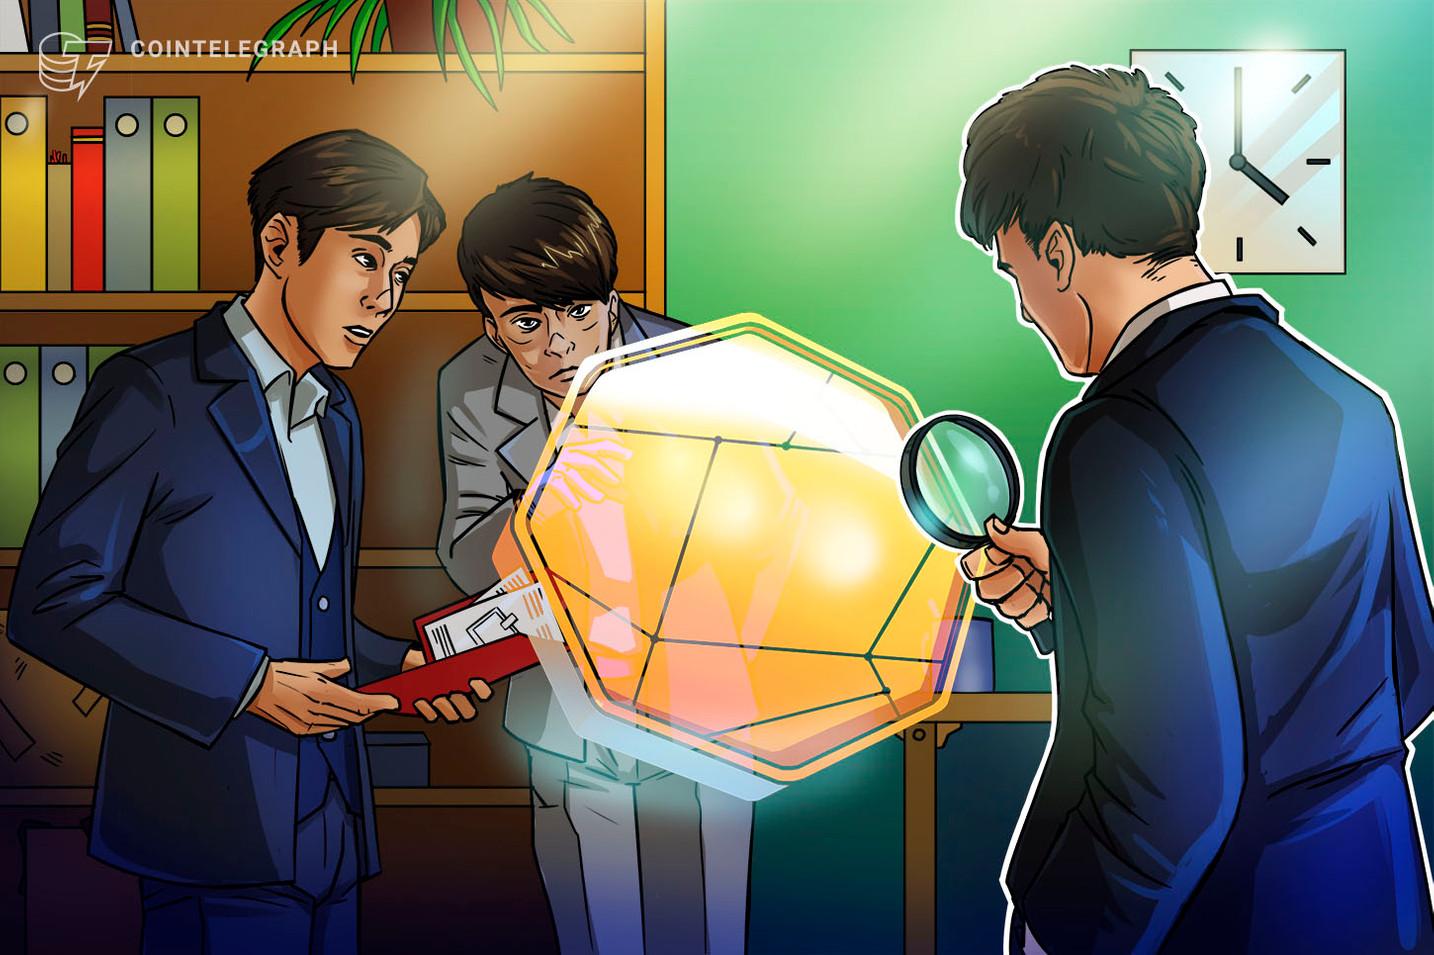 باينانس توقف أزواج KRW وسط تشديد لوائح بورصات العملات المشفرة في كوريا